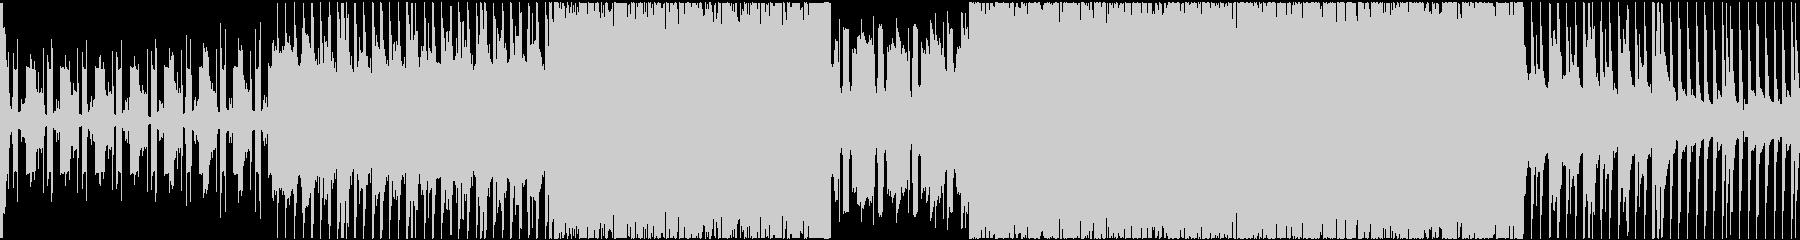 【ループ仕様】シンプルなRPGバトル曲の未再生の波形